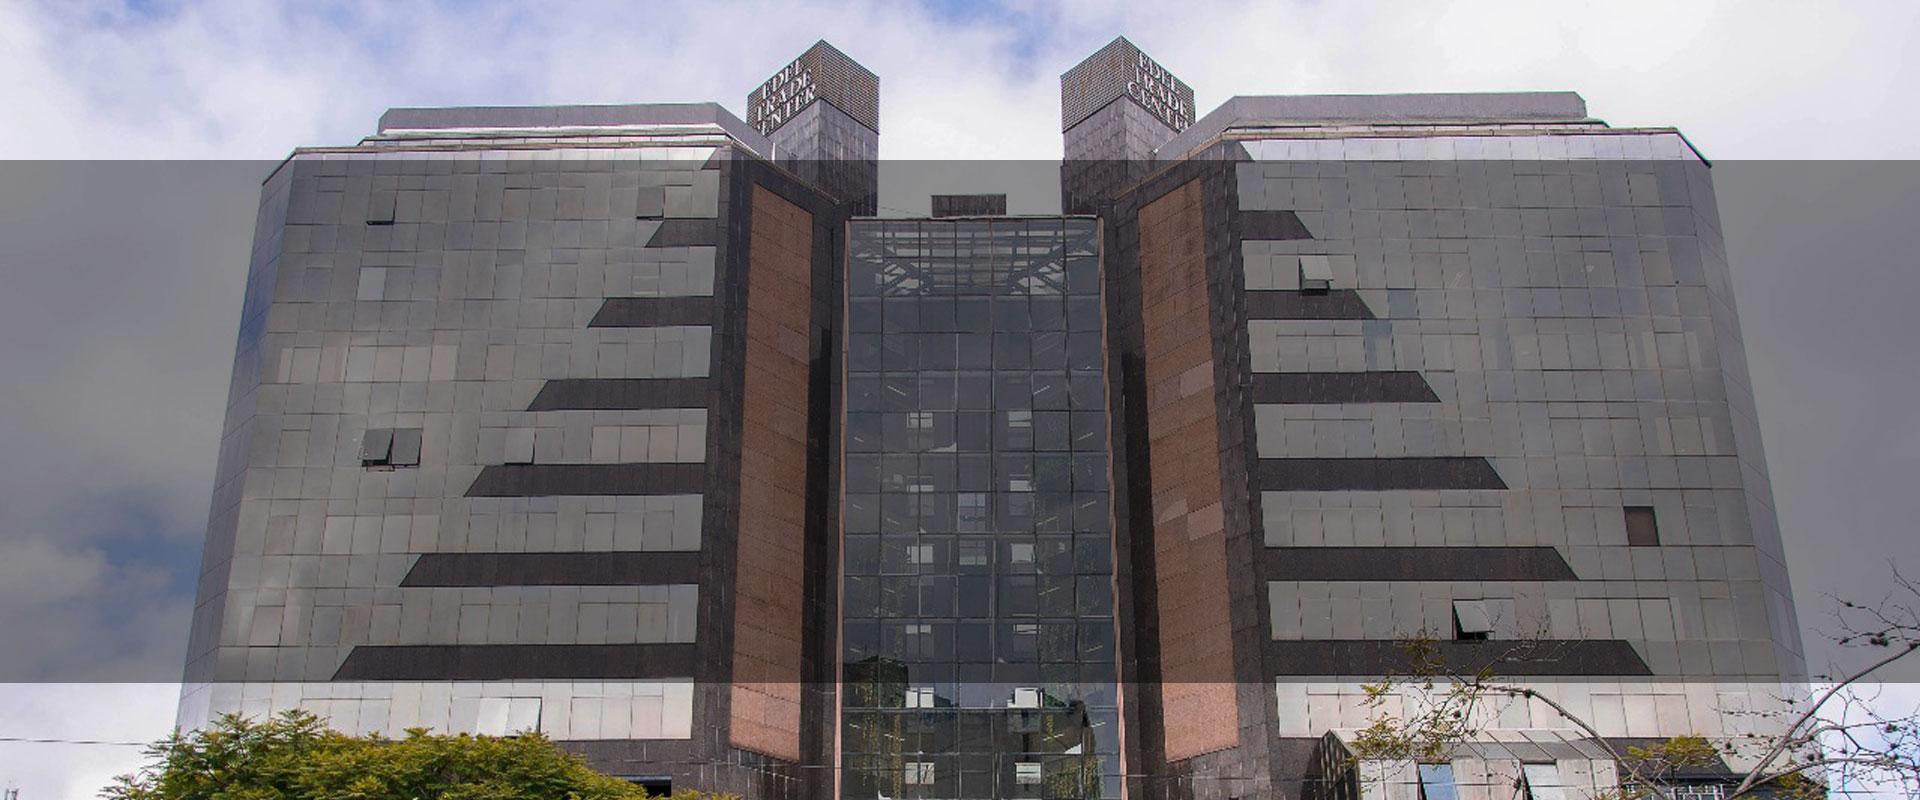 Edel Trade Center